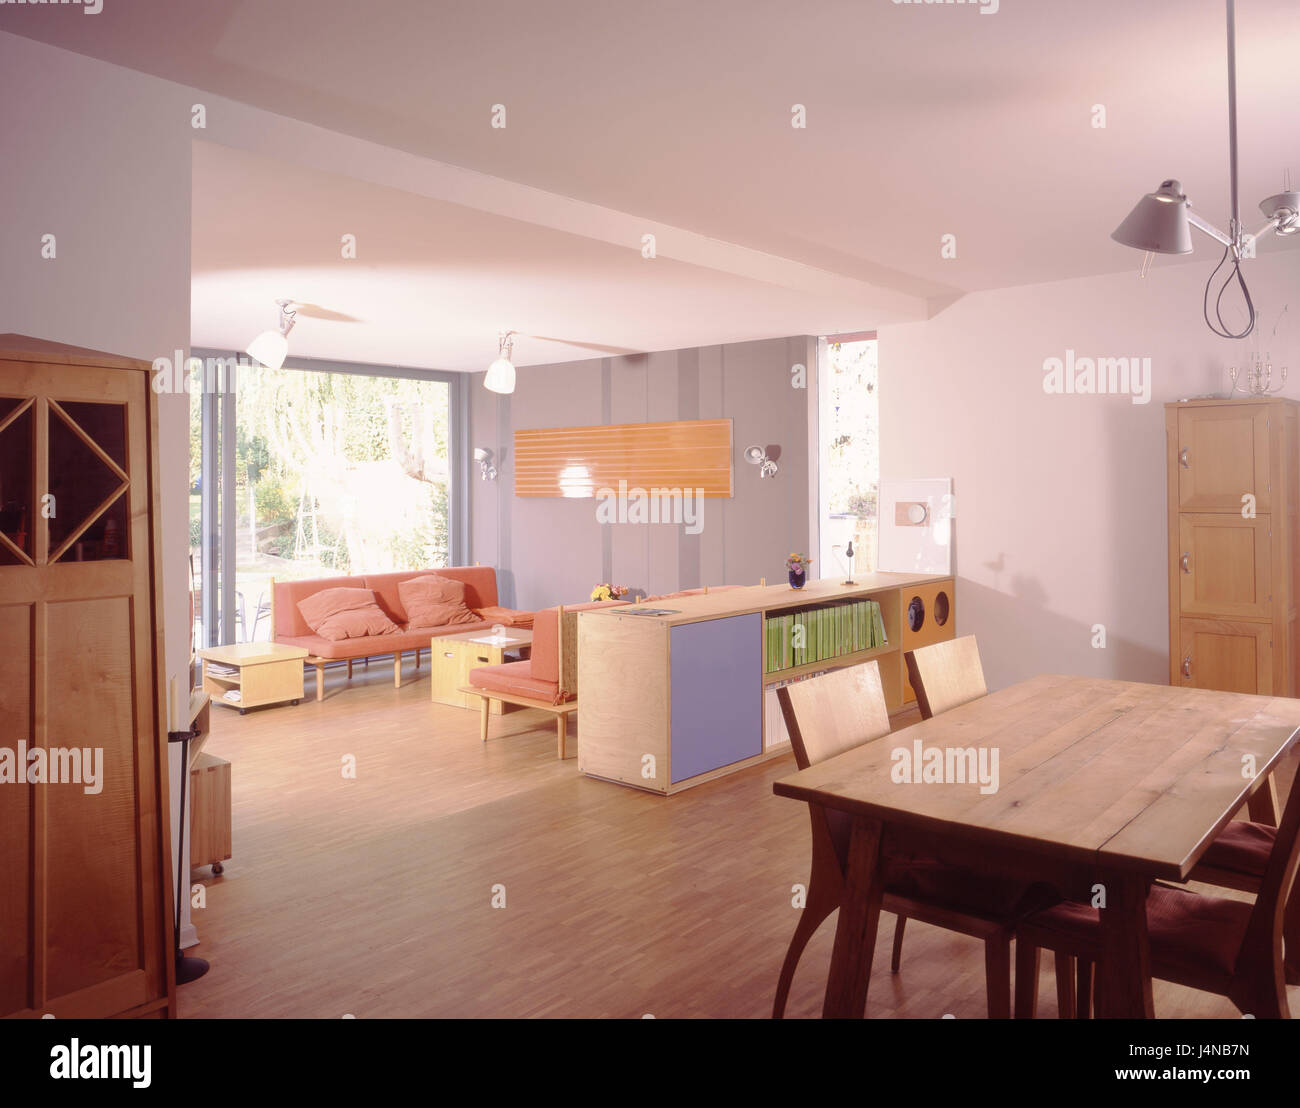 Lebendigen Platz, Inneneinrichtung, modernen, Wohnzimmer, lebenden ...